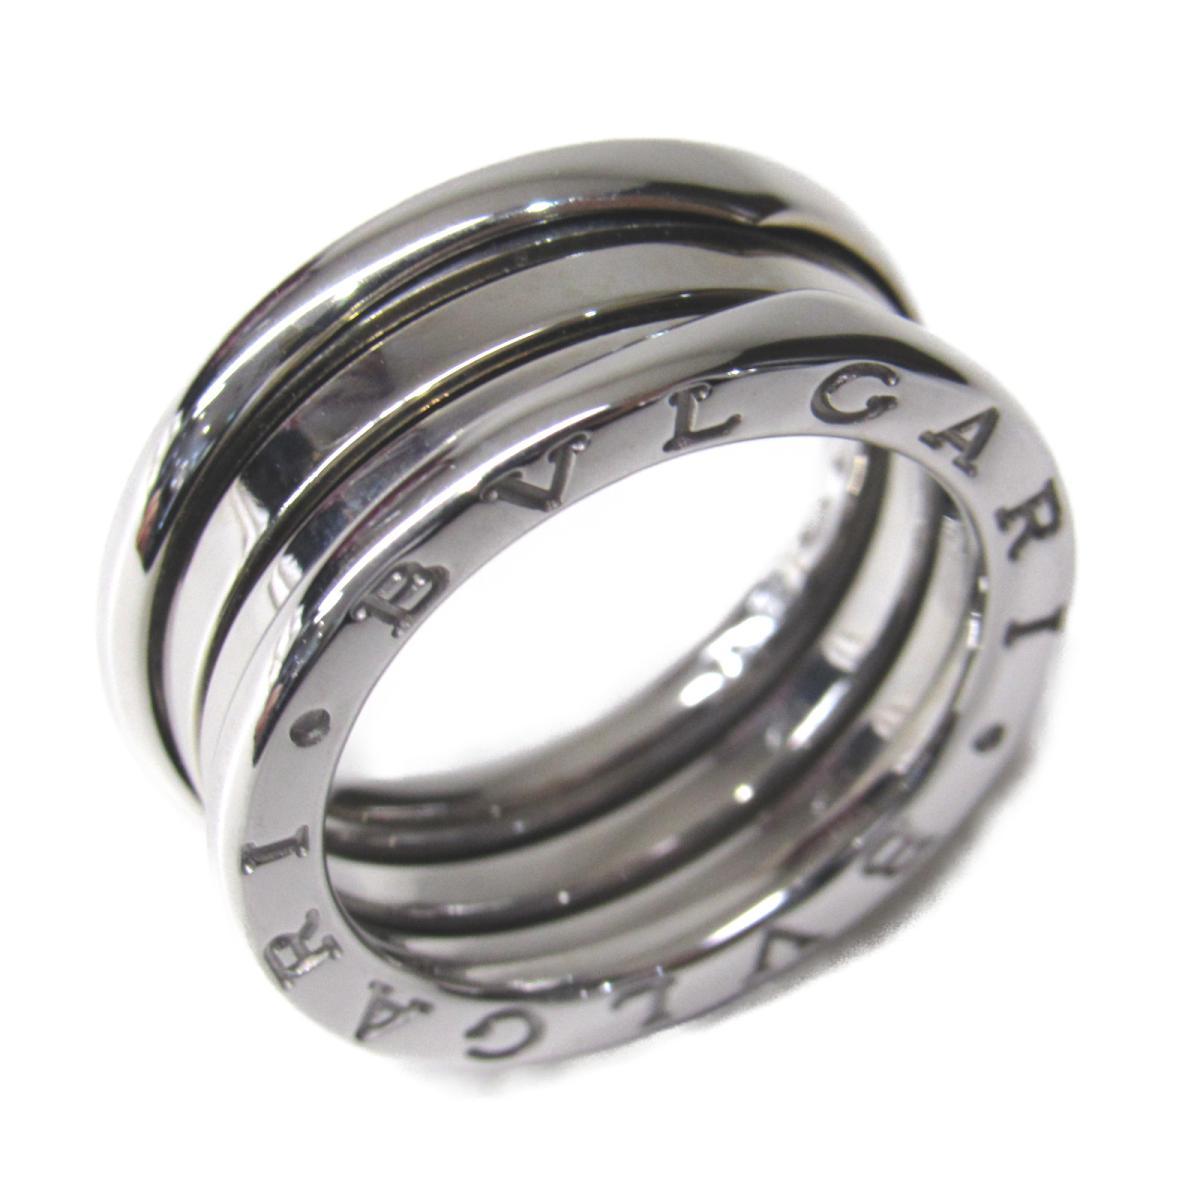 【中古】 ブルガリ B-zero1 リング Sサイズ メンズ レディース K18WG (750) ホワイトゴールド   BVLGARI BRANDOFF ブランドオフ ブランド ジュエリー アクセサリー 指輪